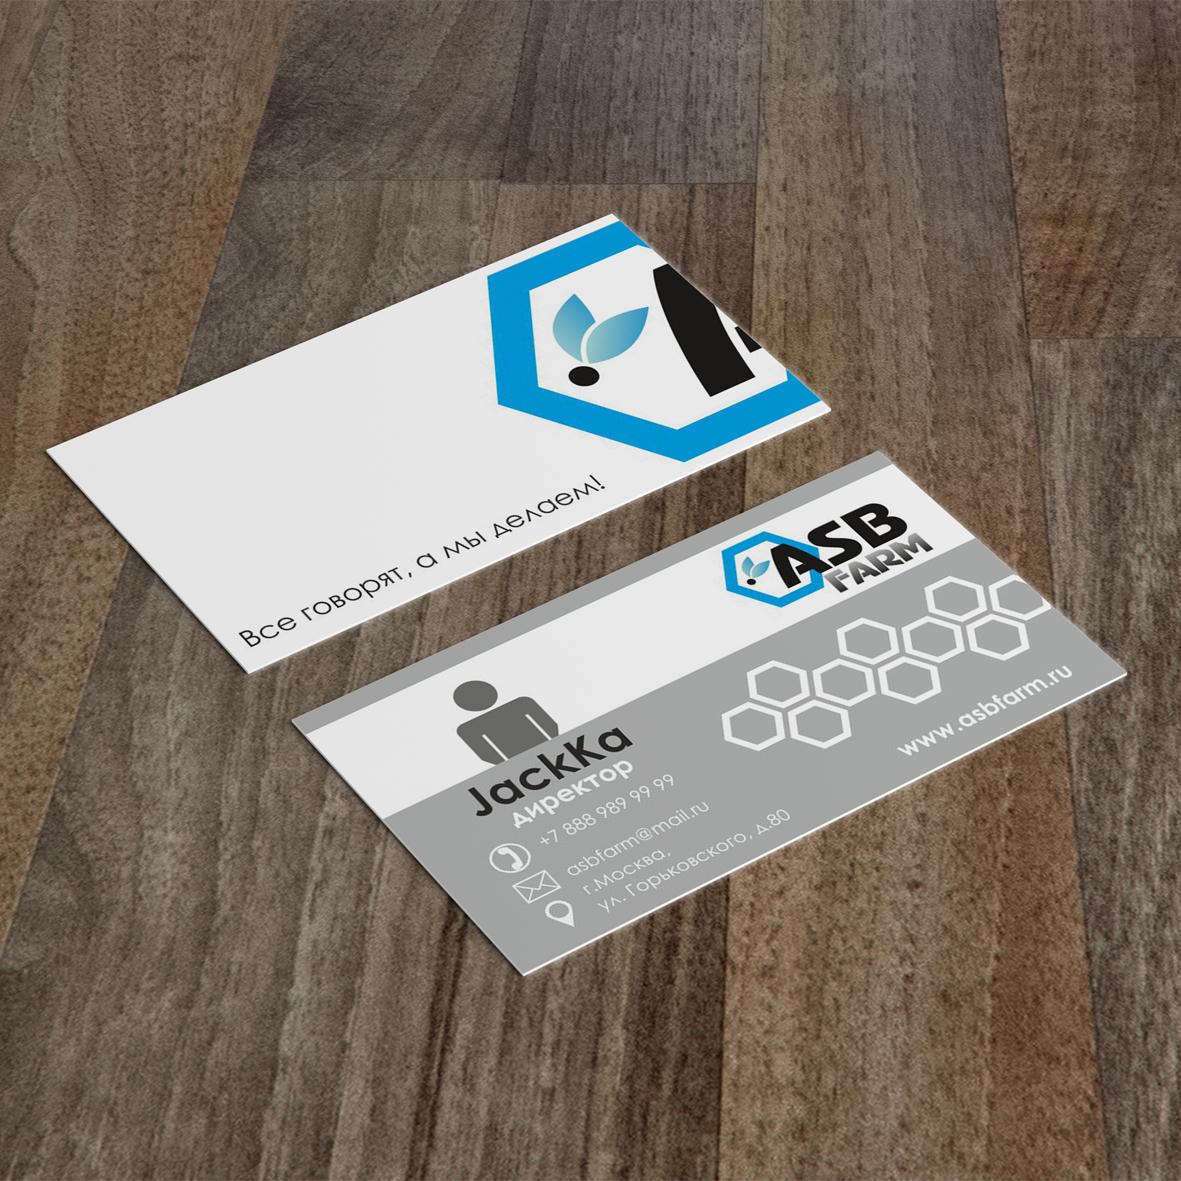 Разработка 3-4 видов логотипа фото f_2345a5b9113e9079.jpg